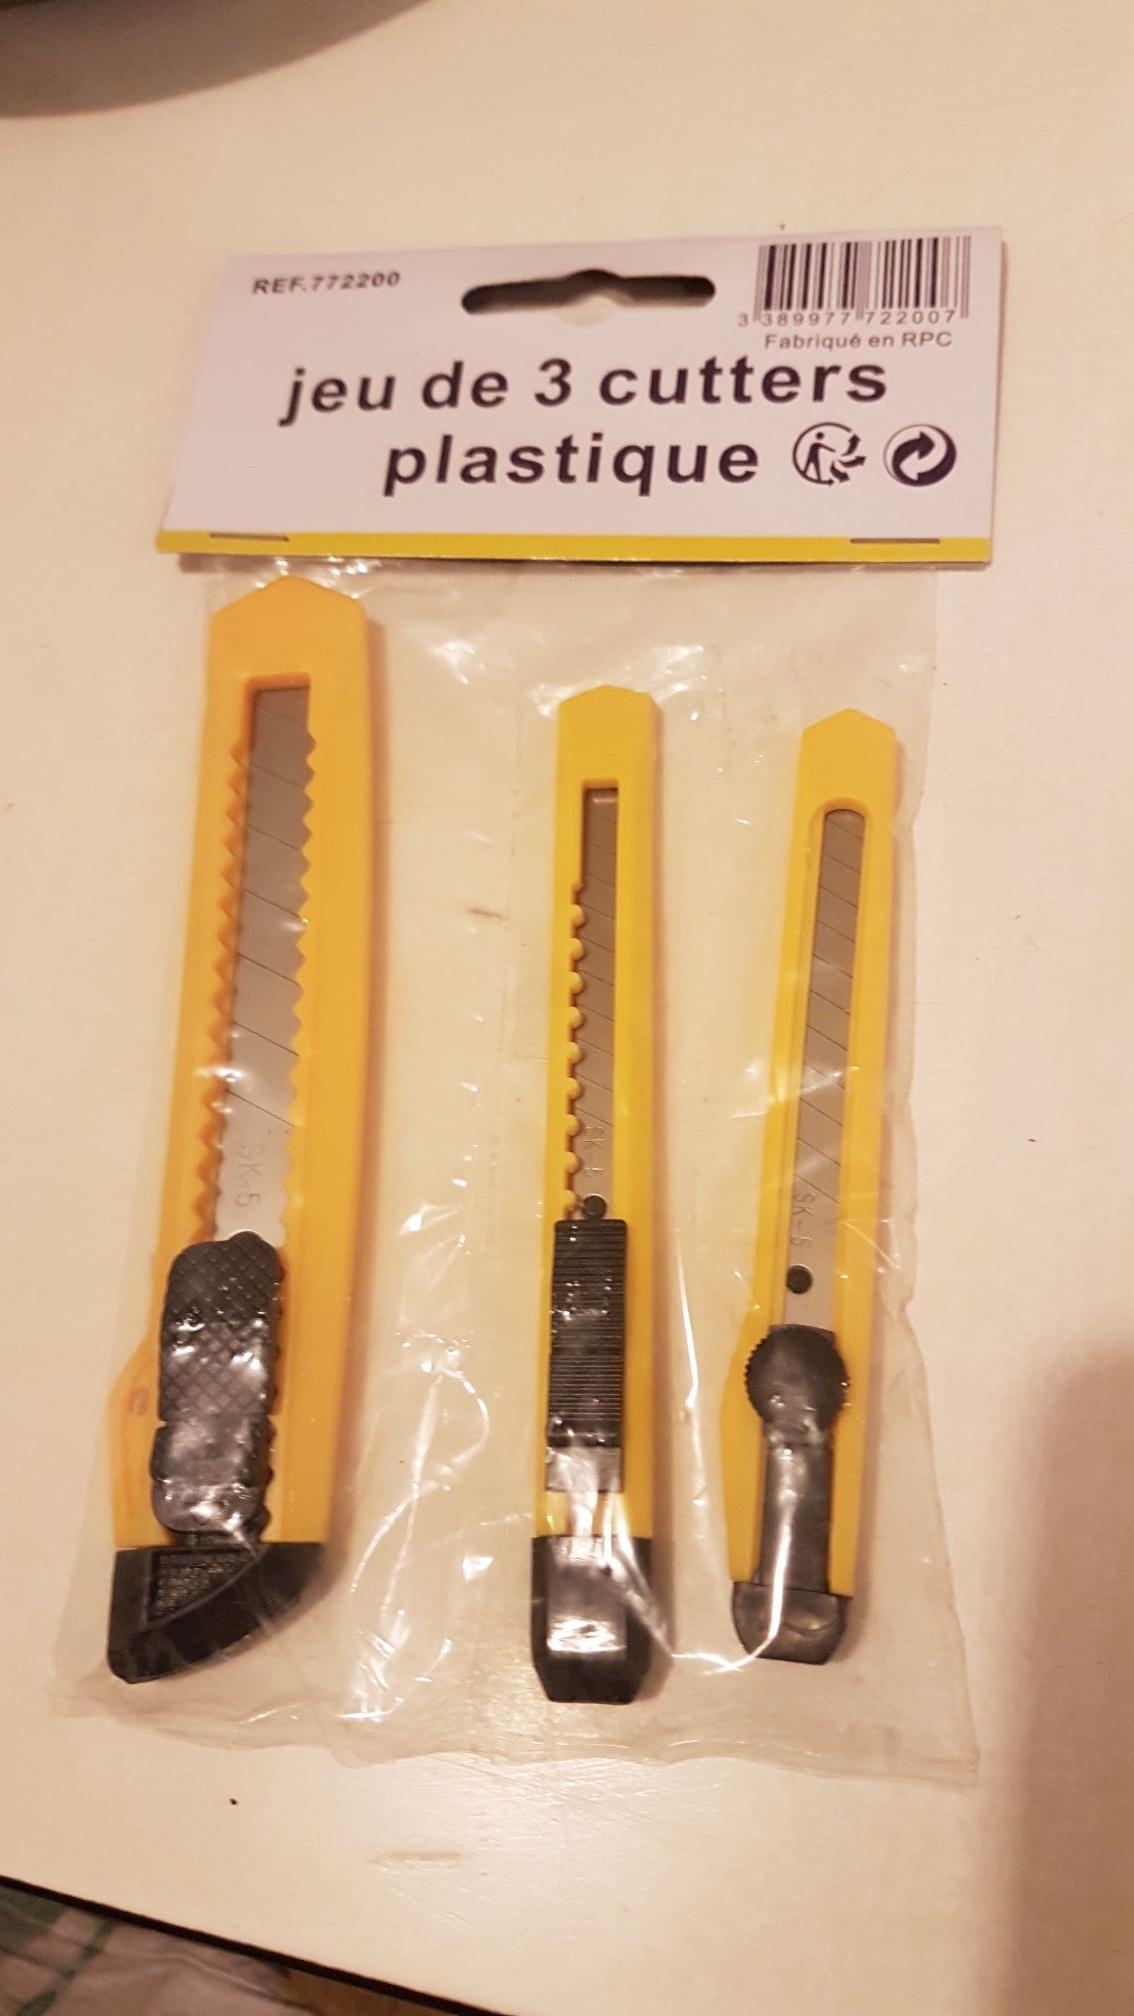 Lot de 3 cutters en plastique - Les Clayes-sous-bois (78)